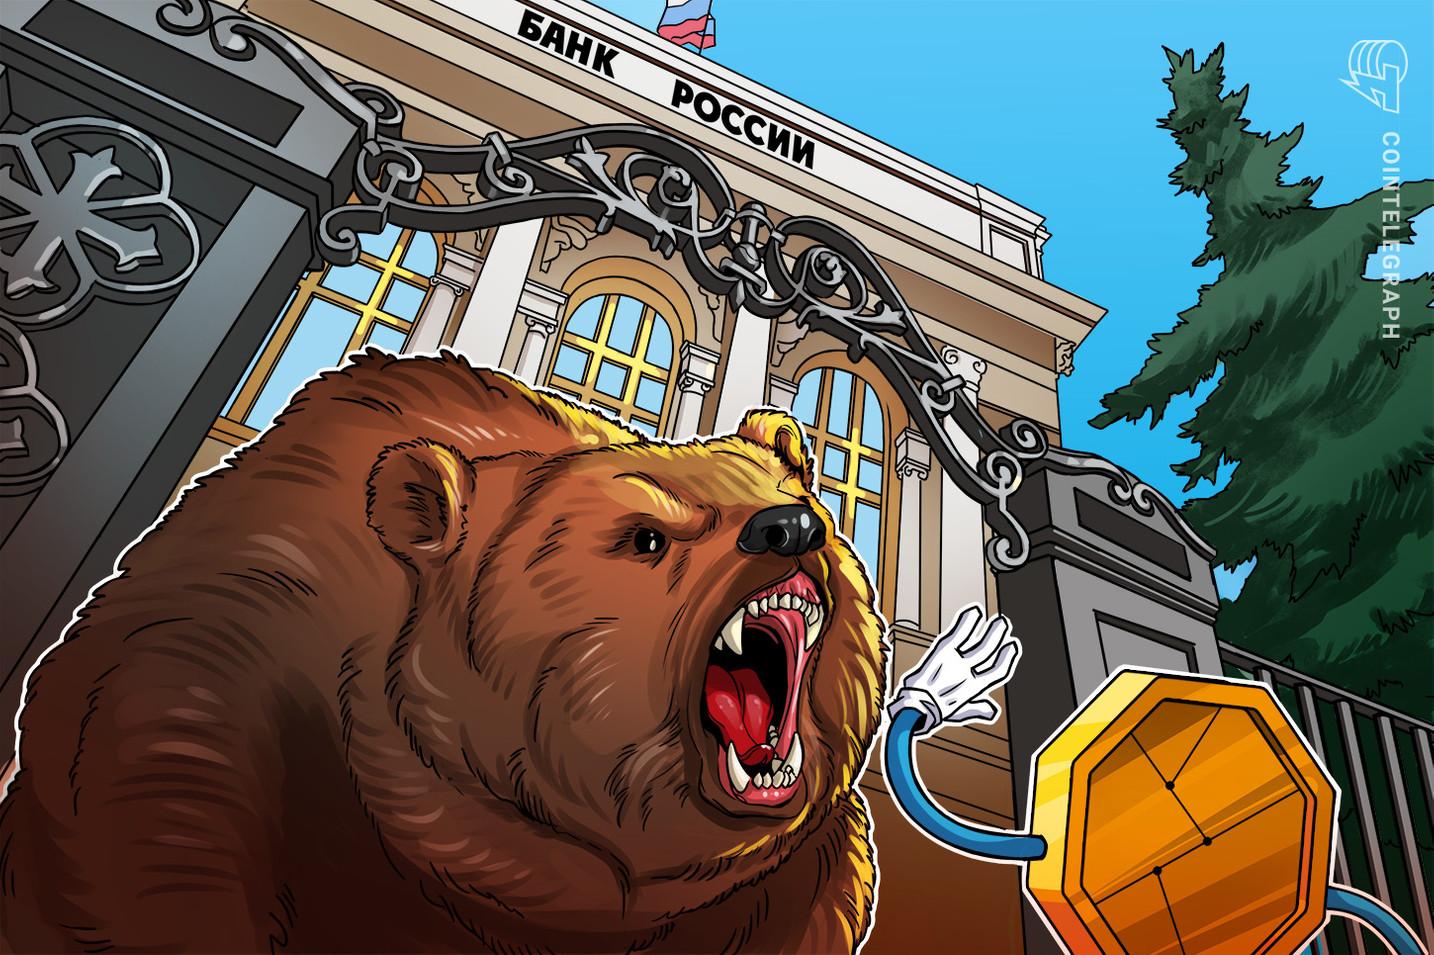 ロシア中央銀行は証券取引所に暗号関連企業を上場しないように要請します